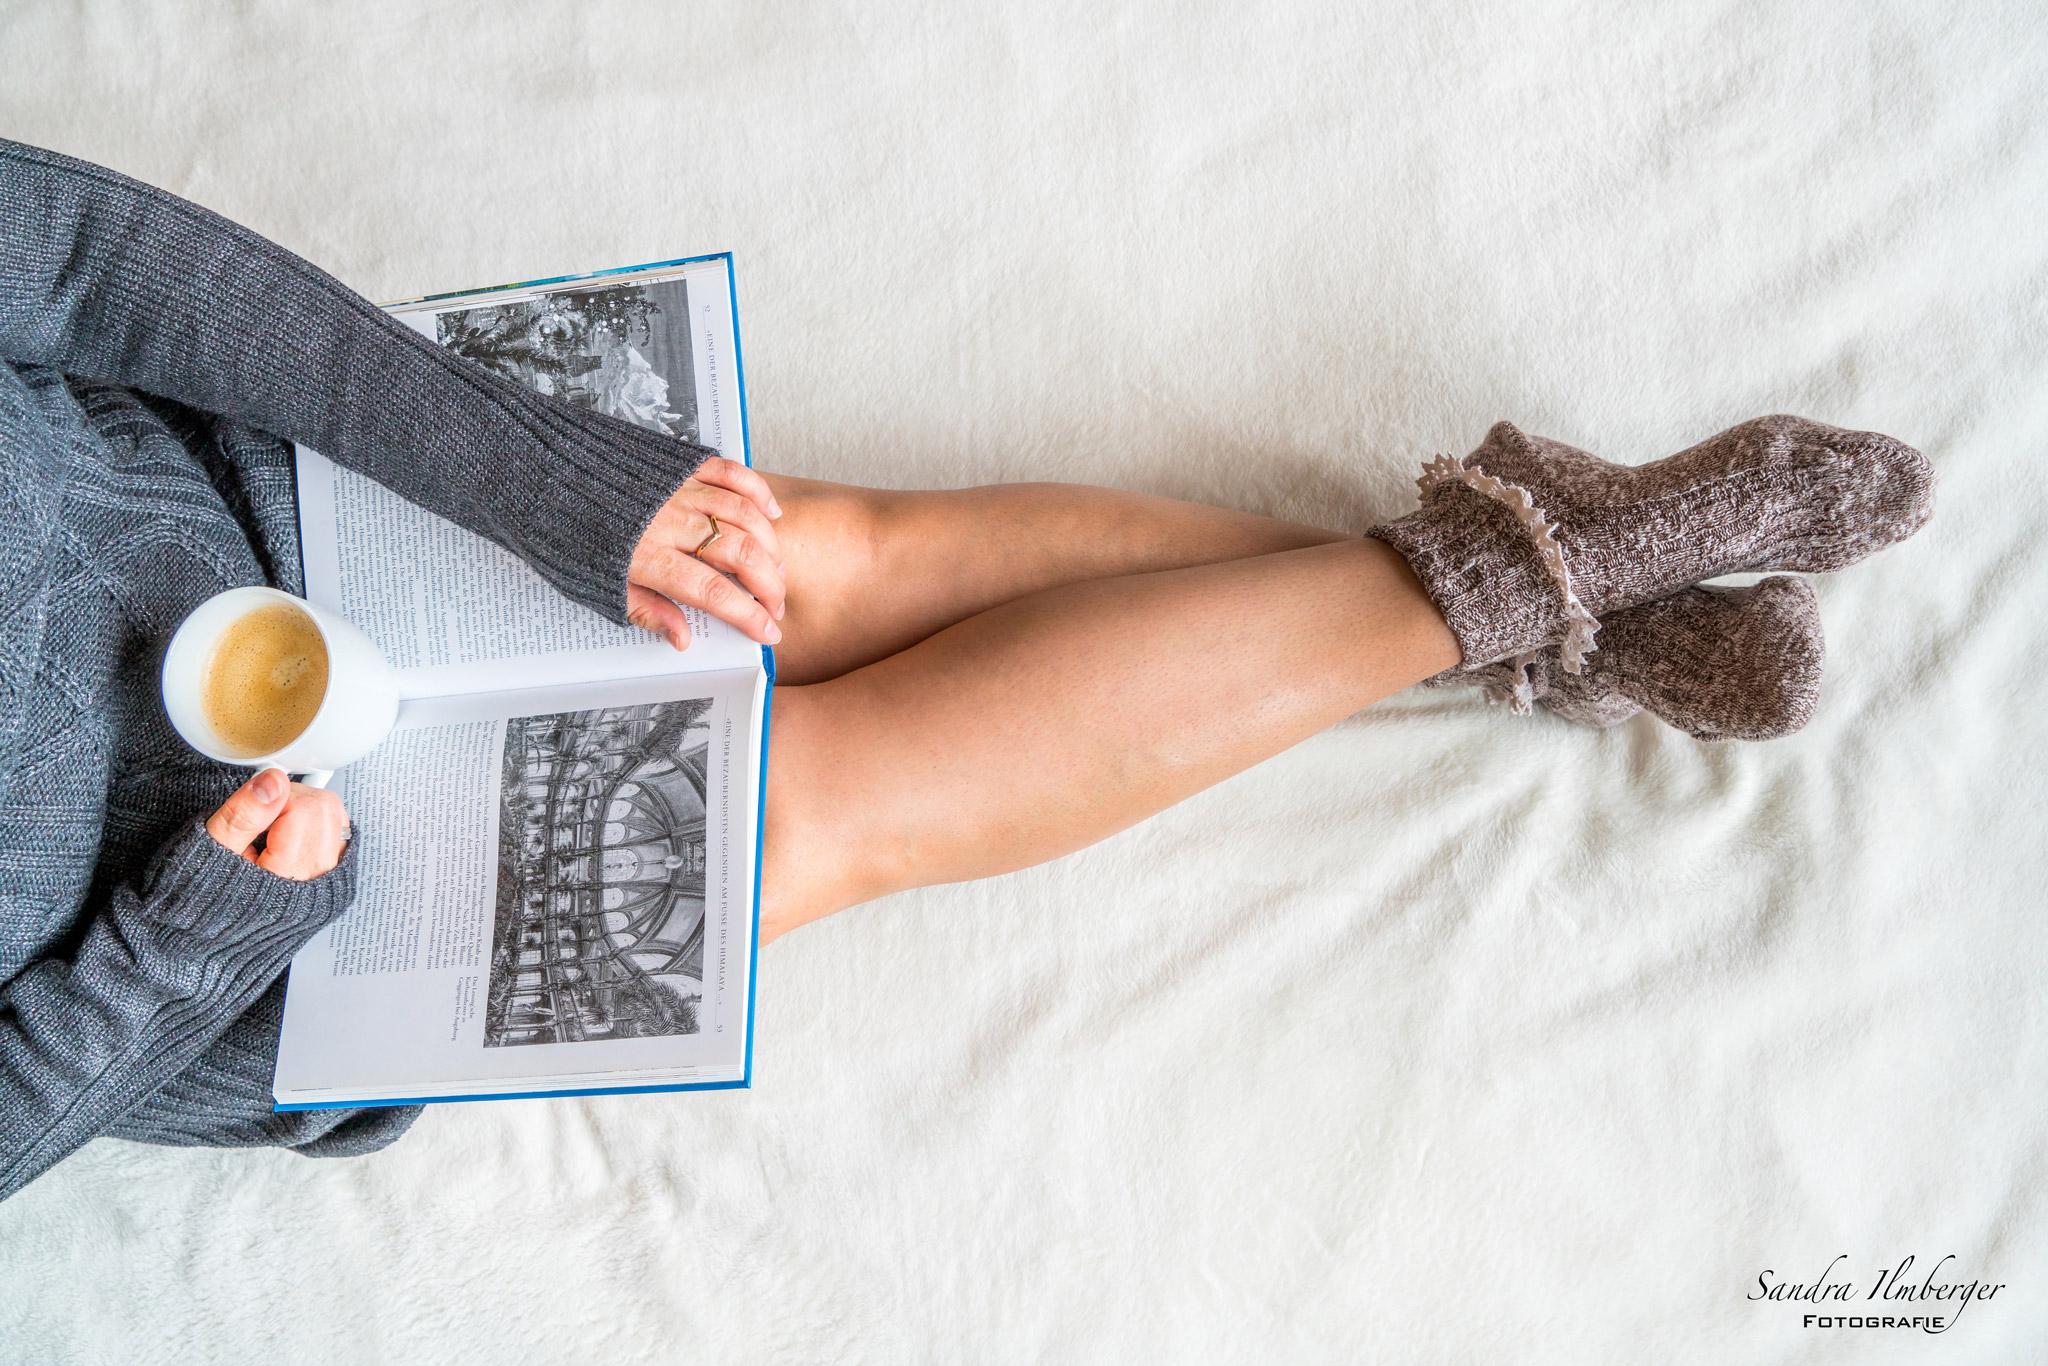 LeseratteAusgangsbeschränkung und Schmuddelwetter laden doch zum Lesen ein (von Sandra Ilmberger)